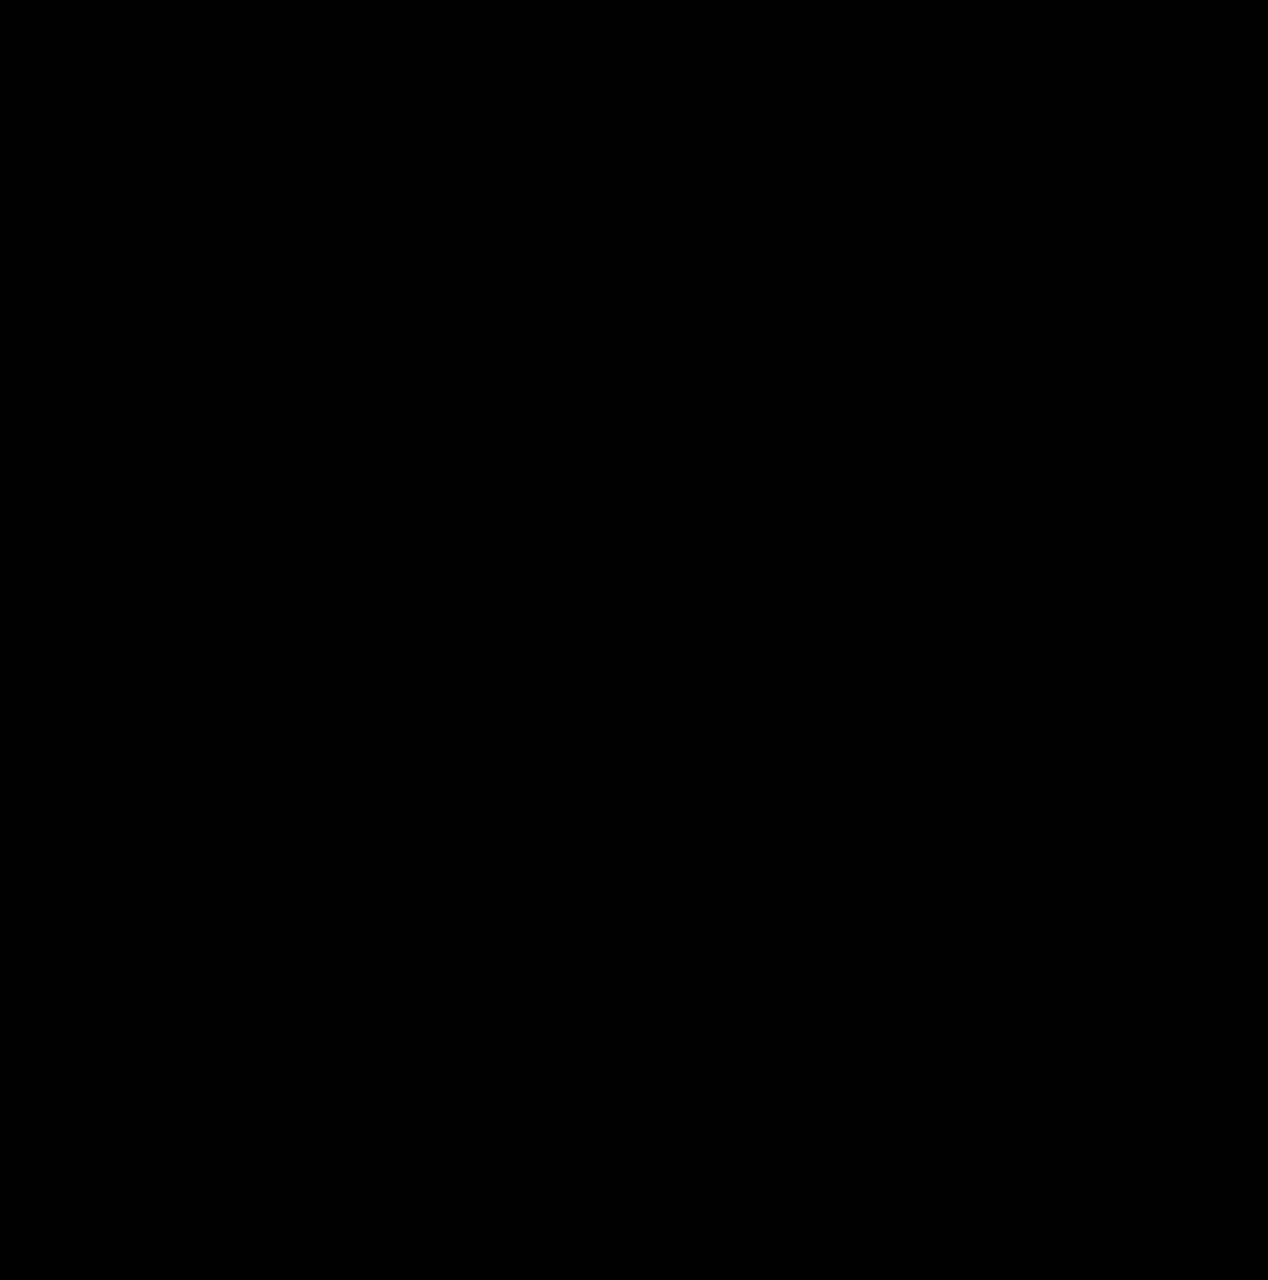 Sunce, Saturn, Pluton – kad karma dođe po svoje